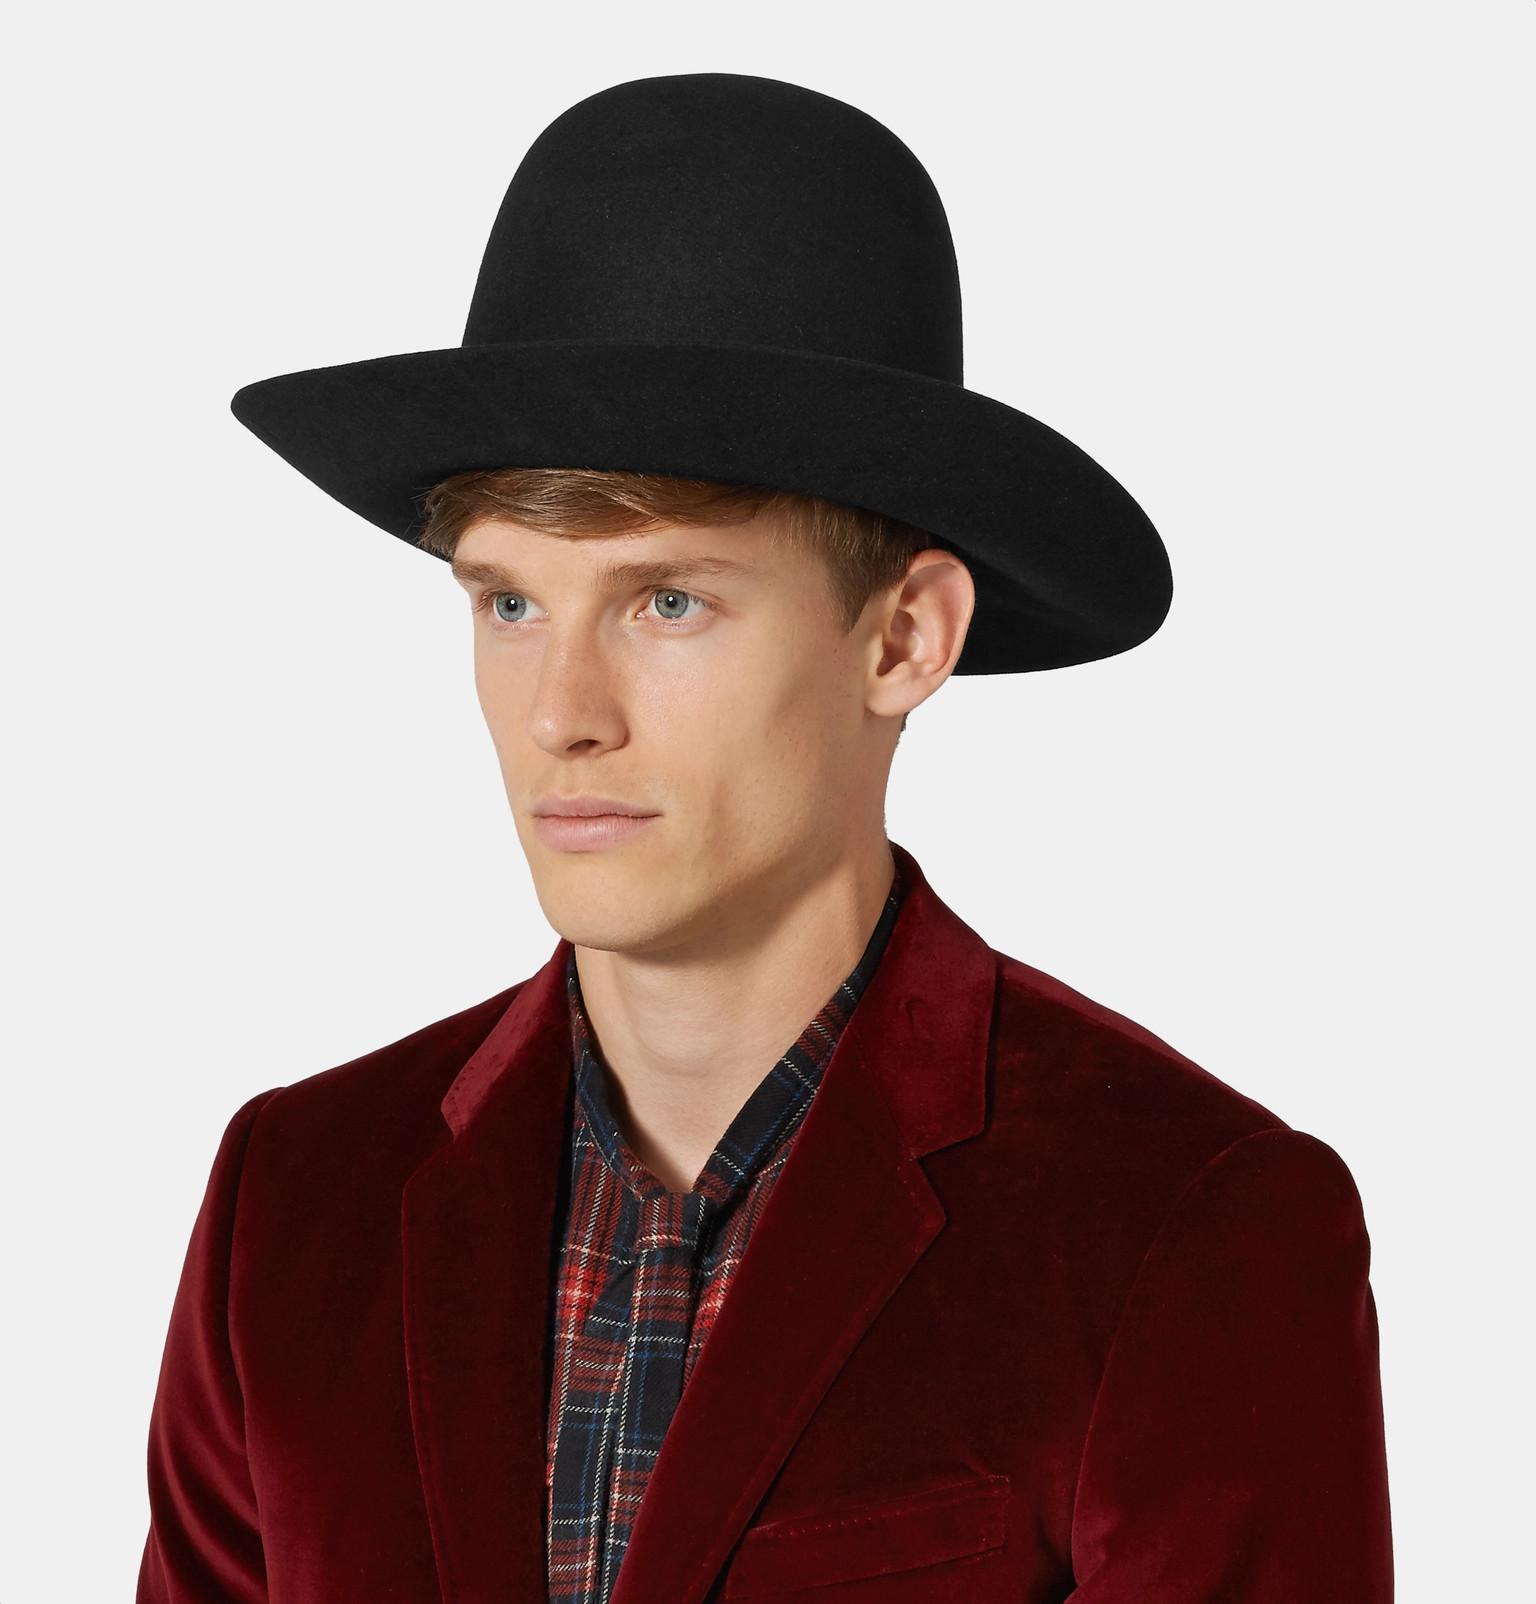 What underwear does William Beckett wear?